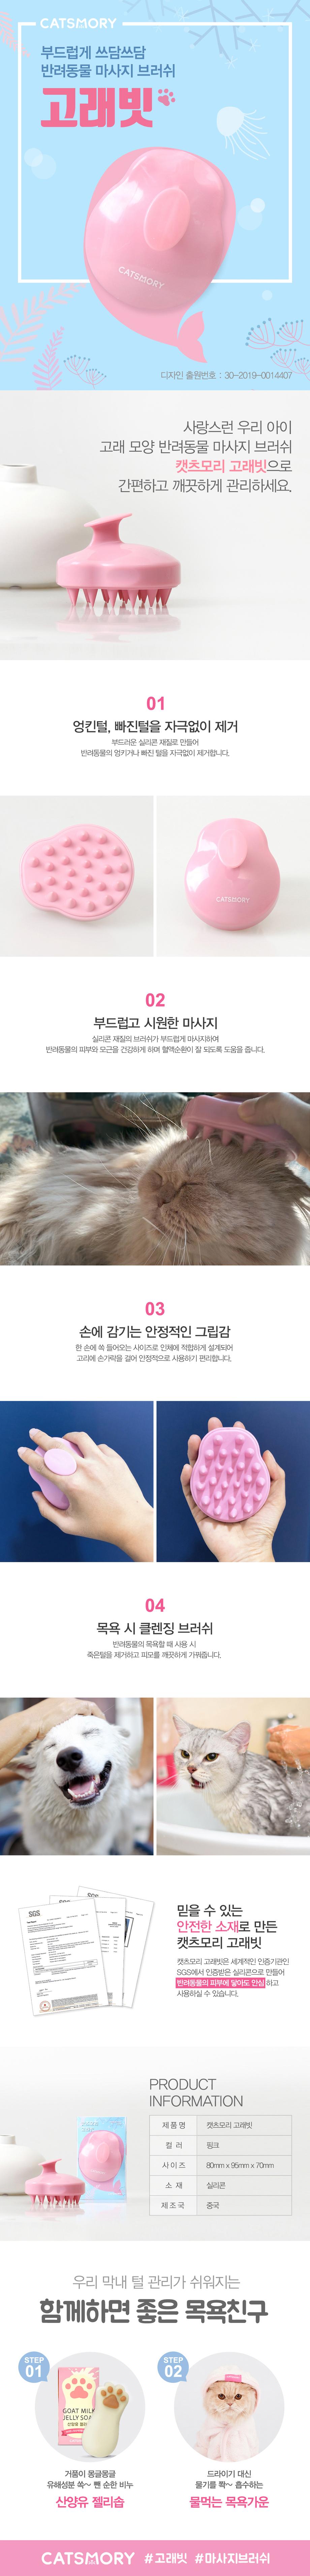 고래빗 - 캣츠모리, 12,000원, 미용/목욕용품, 브러쉬